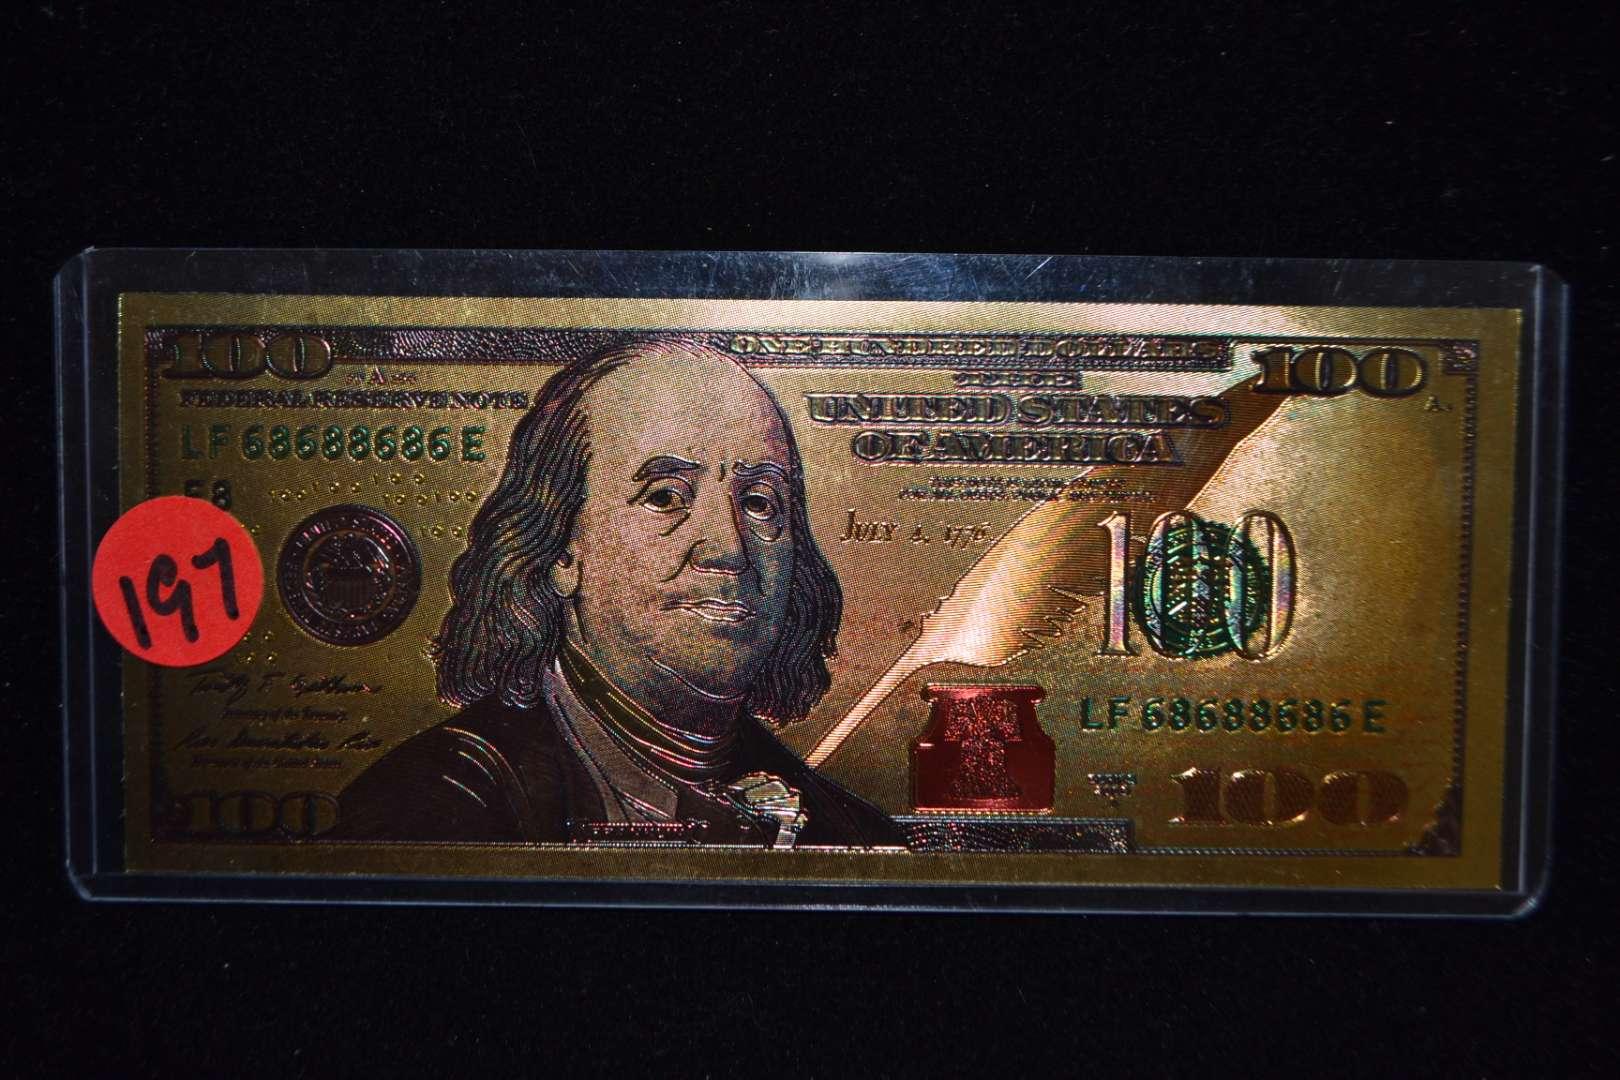 Lot # 197 GOLD $100 BILL